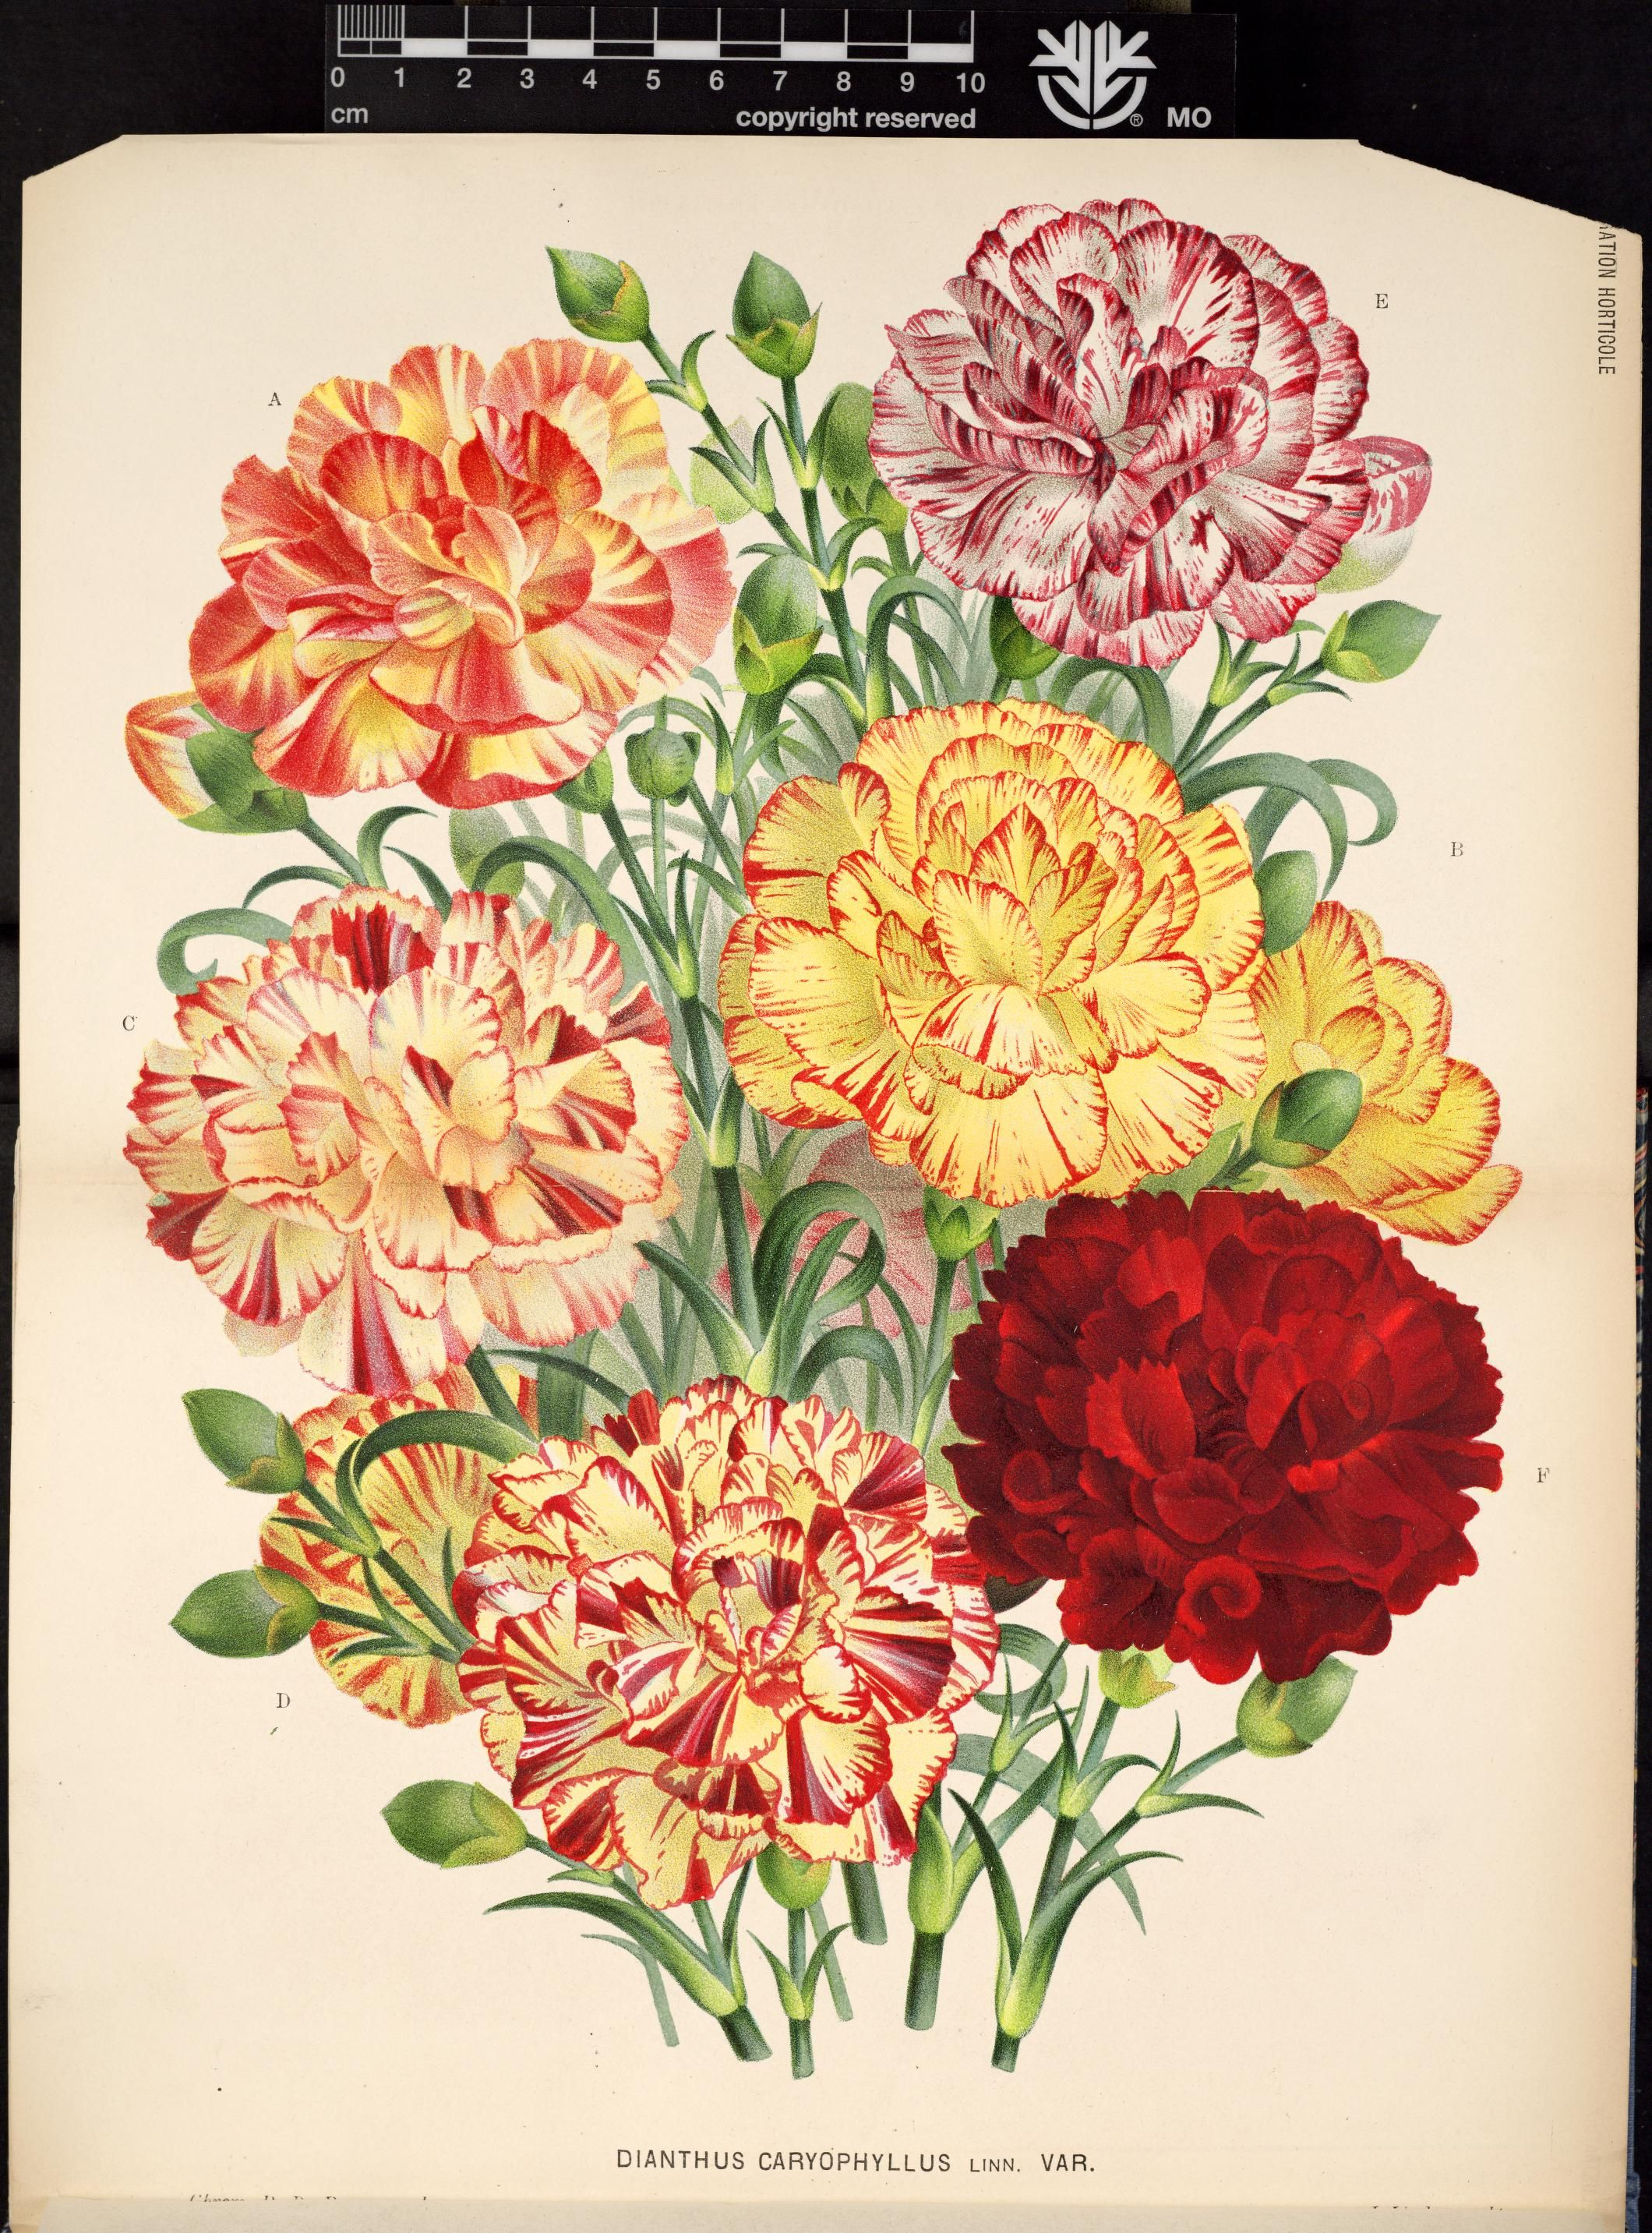 v.31 (1884) L'Illustration horticole Biodiversity